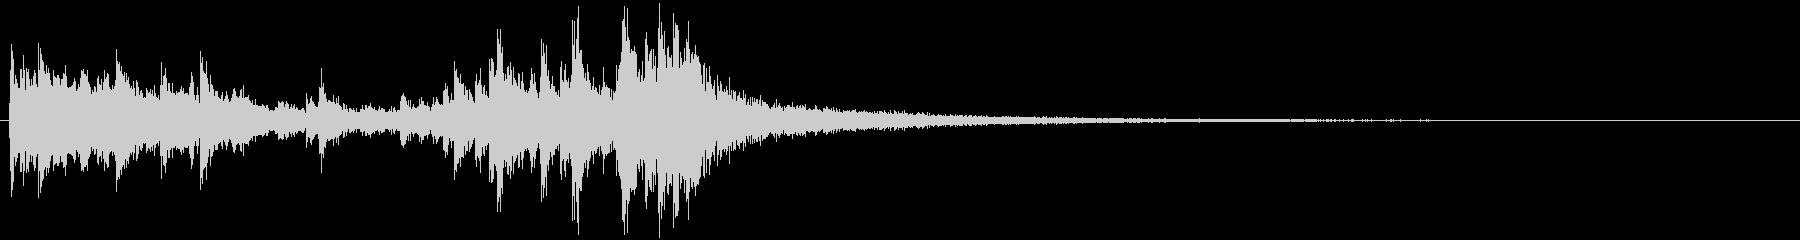 ドラムロール 約2秒でシンバルがなるの未再生の波形